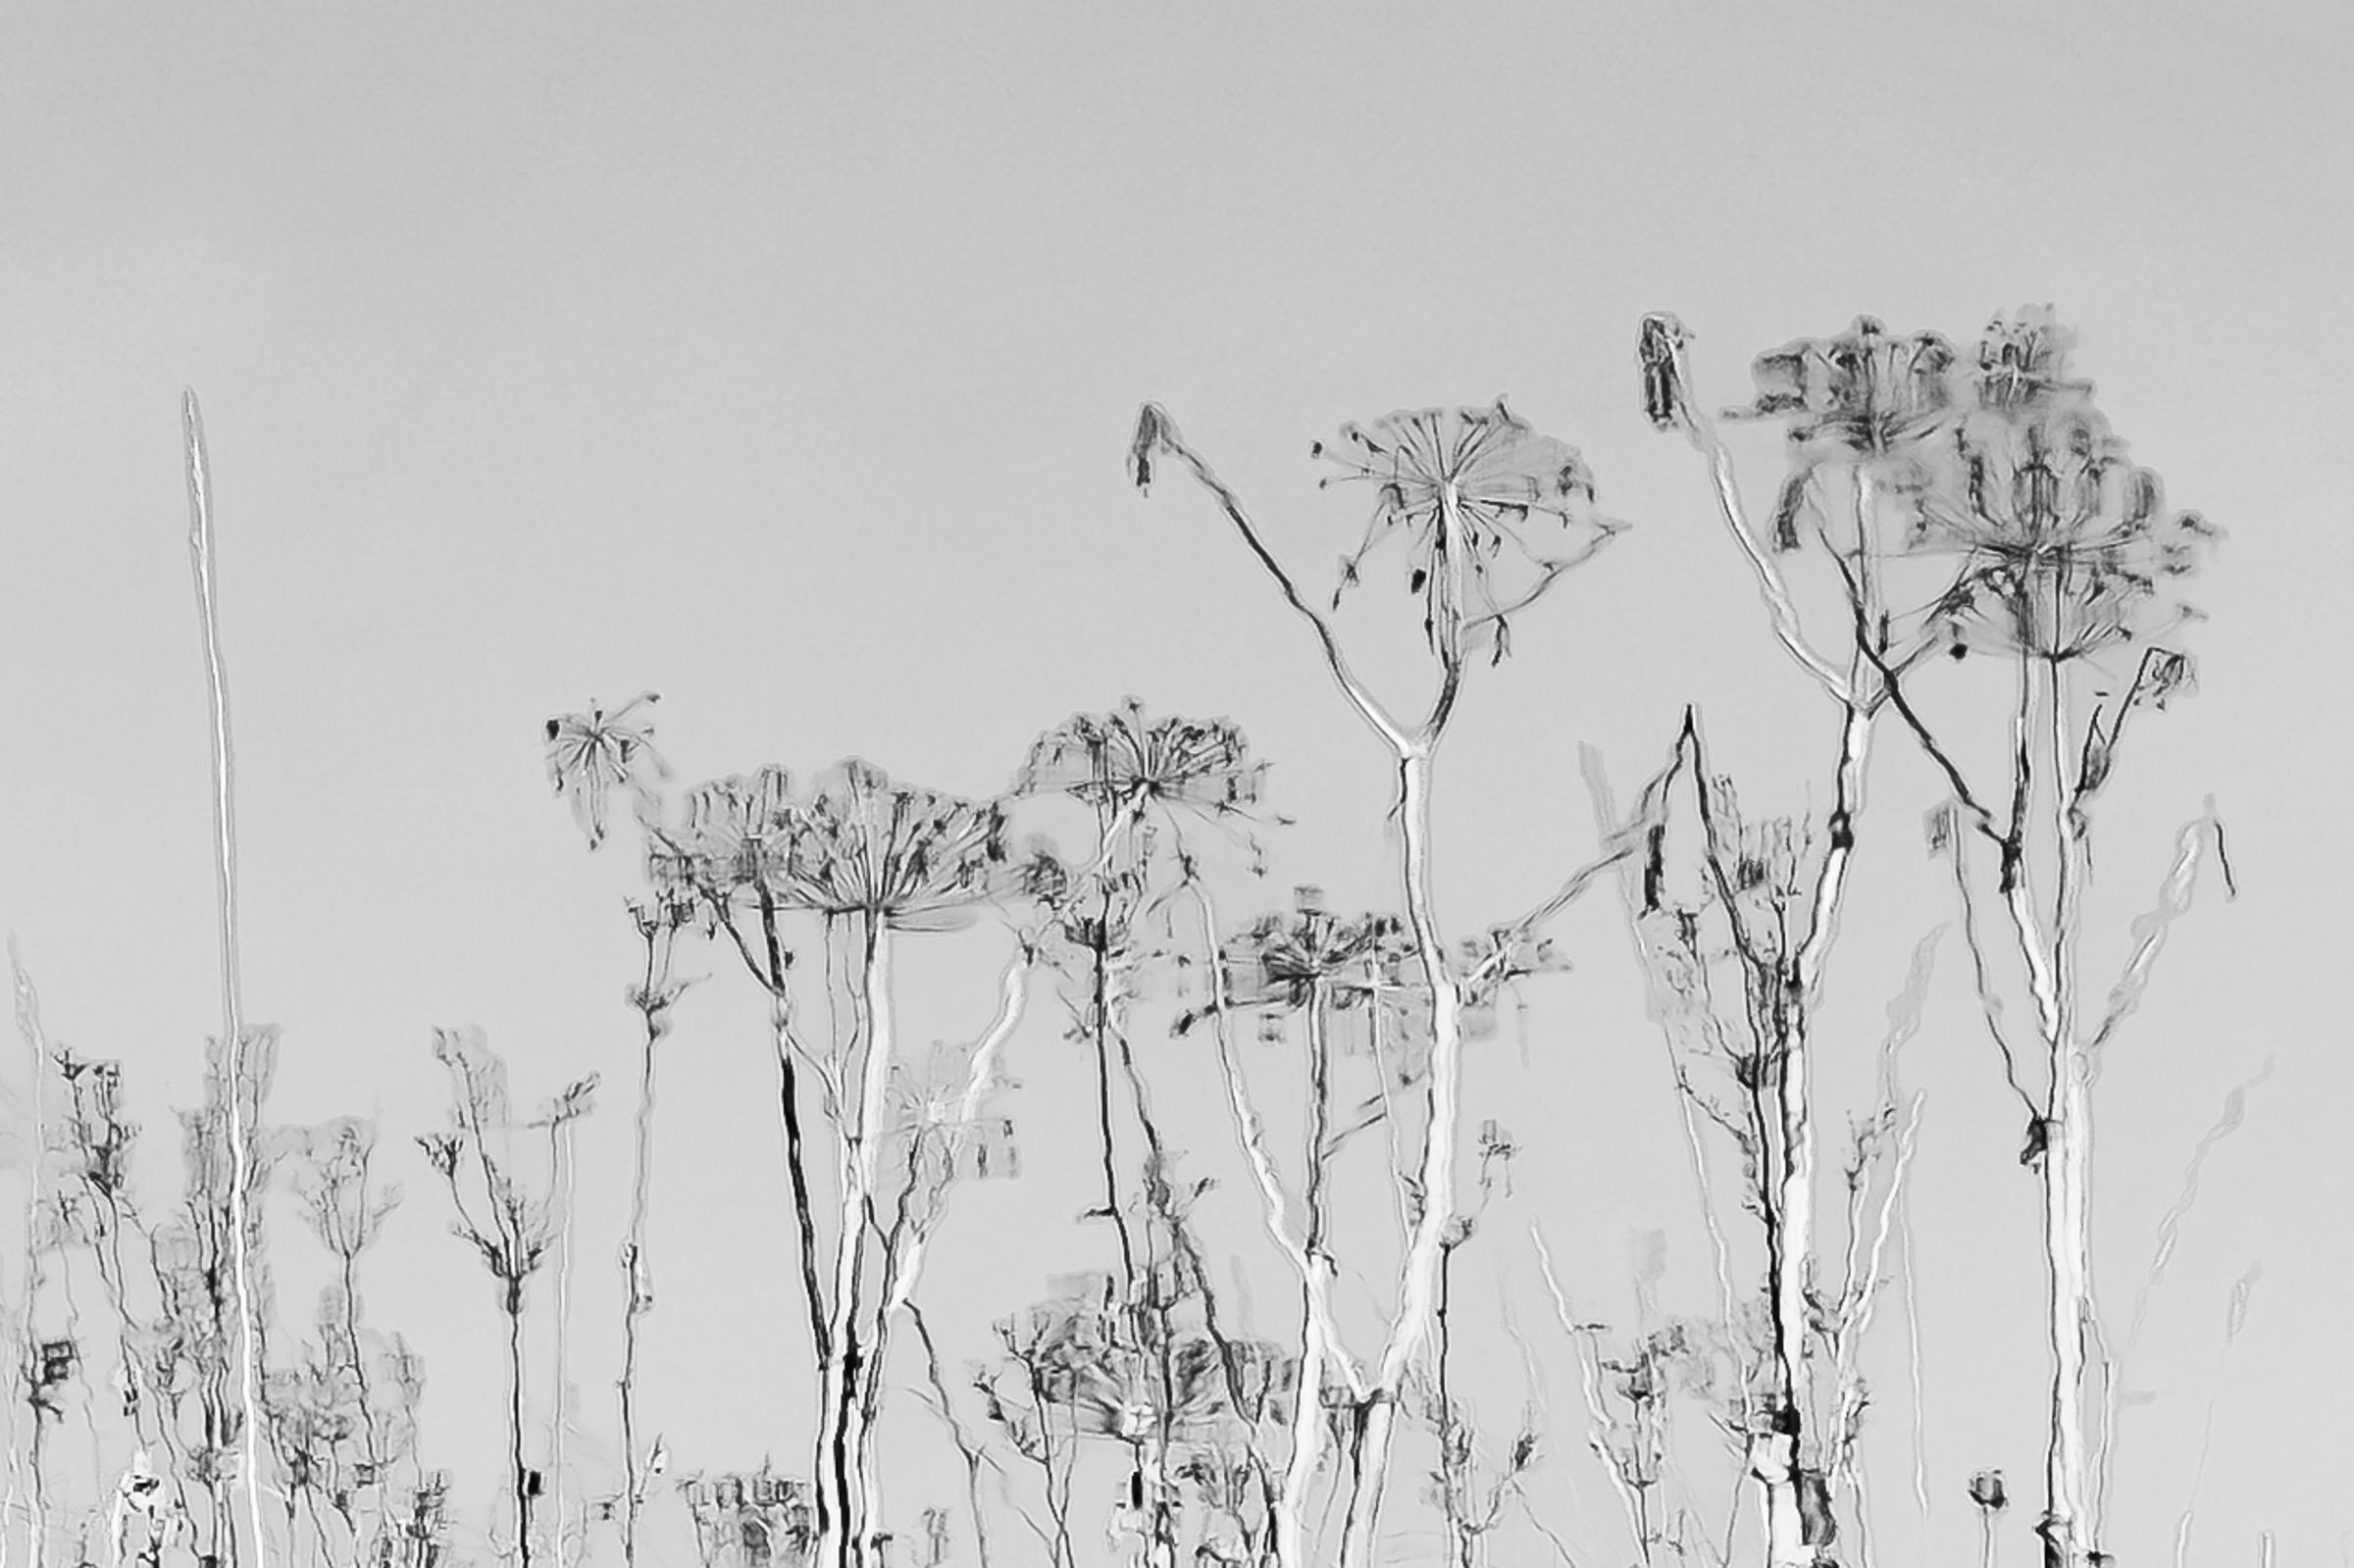 Fotokonkurranse Stormtreffet: Leif Erling Aasan, 1. plass